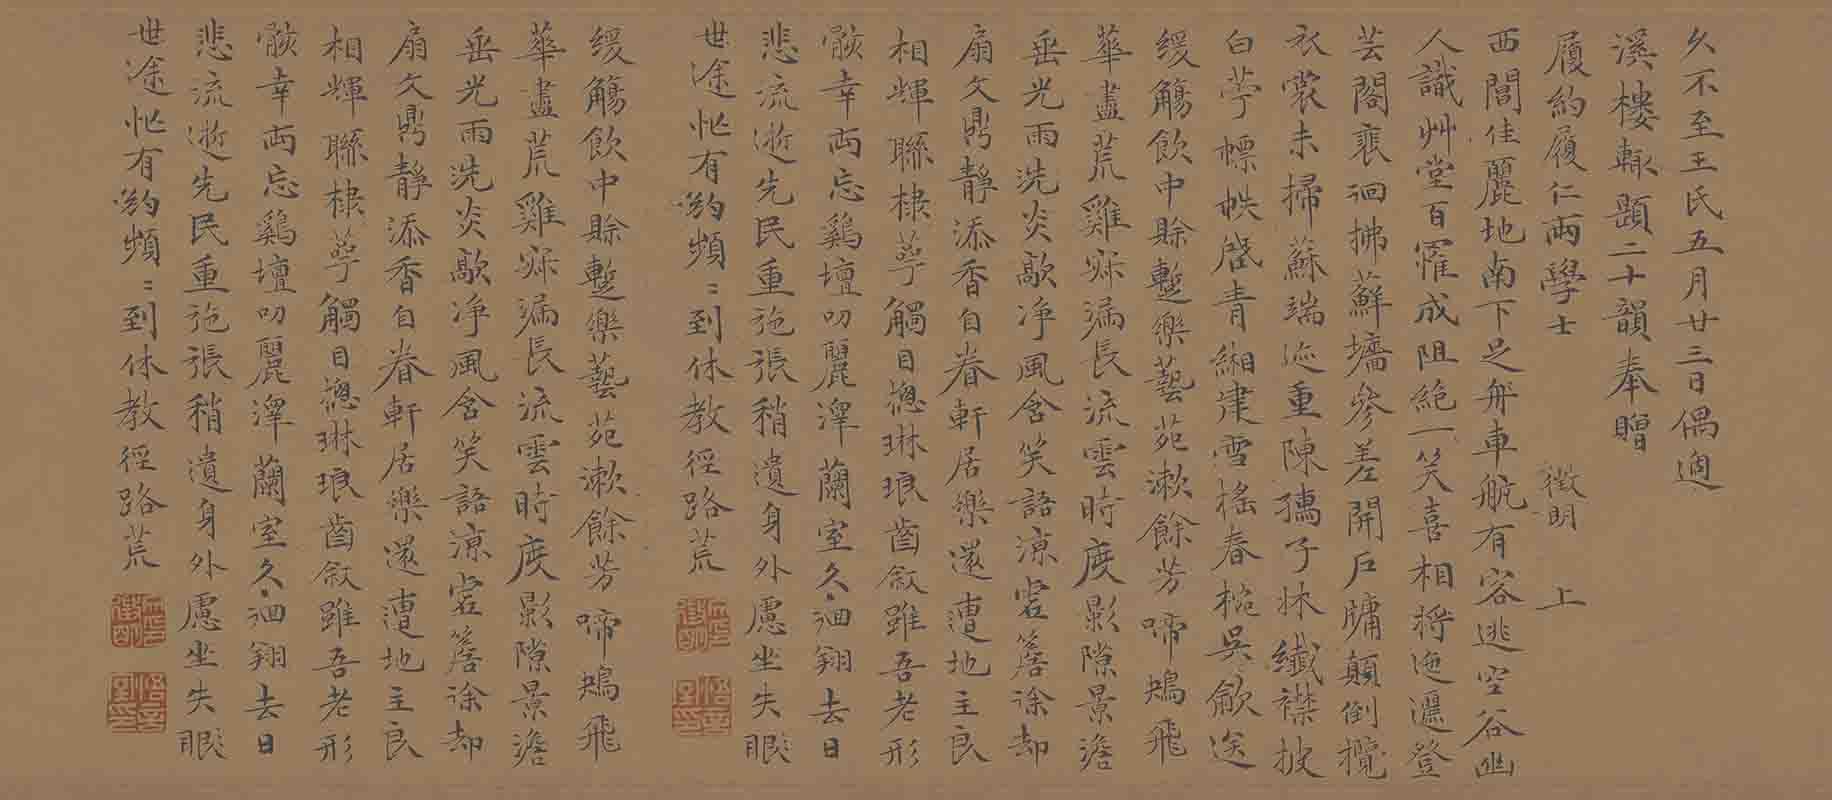 明 文徵明 偶适溪楼帖楷书29x67